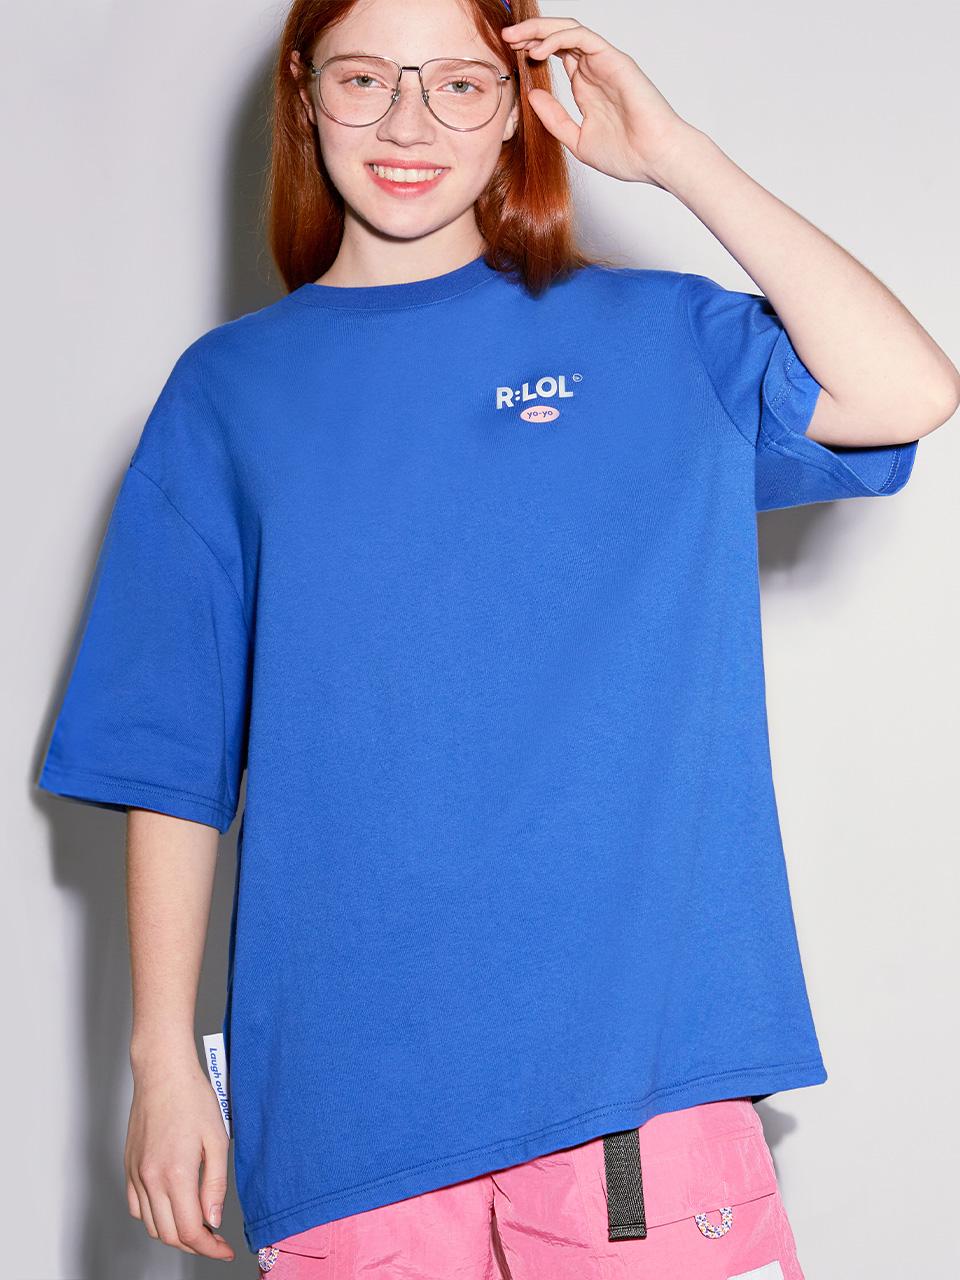 (TS-20302) R:LOL YO-YO T-SHIRT BLUE